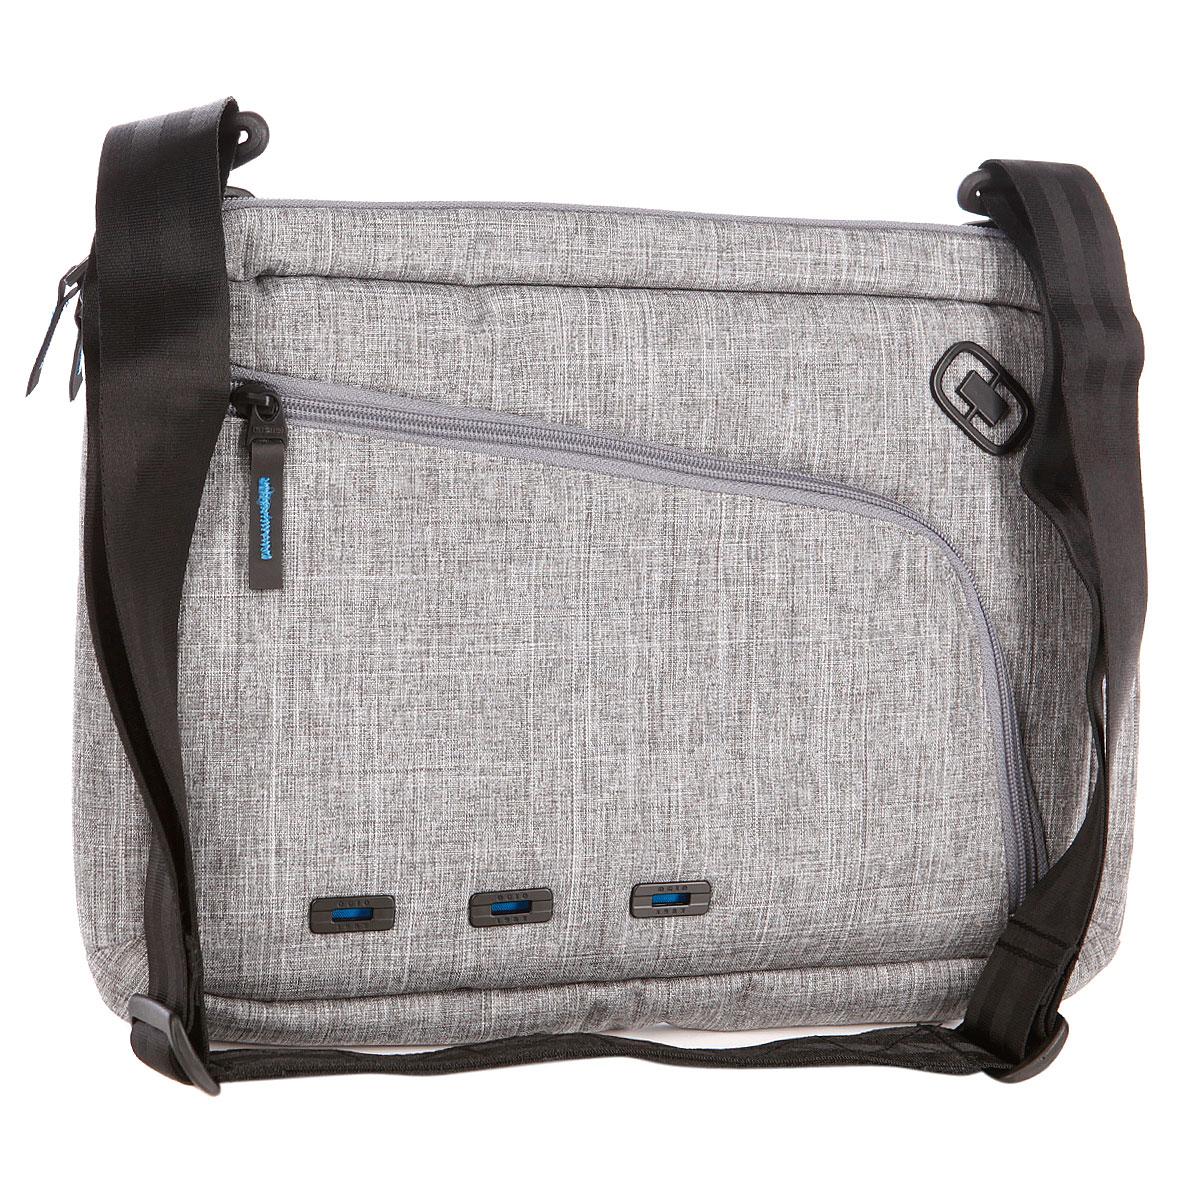 Сумка для ноутбука Ogio Newt Slim Case, до 15, цвет: серый, 10 л111068-351Сумка для ноутбука OGIO Newt Slim Case - идеальная сумка для походов по траектории дом-офис или офис-кофейня, но можно и изменить маршрут, потому что, в любом случае, в ней можно всегда удобно и безопасно переносить 15-дюймовый ноутбук, планшет, документы и все остальные необходимые мелочи и гаджеты.OGIO – высокотехнологичный продукт от американского производителя. Вместимые сумки для путешествий, работы и отдыха, специальная коллекция городских сумок для женщин, жесткие боксы под мелкий инвентарь и многое другое.